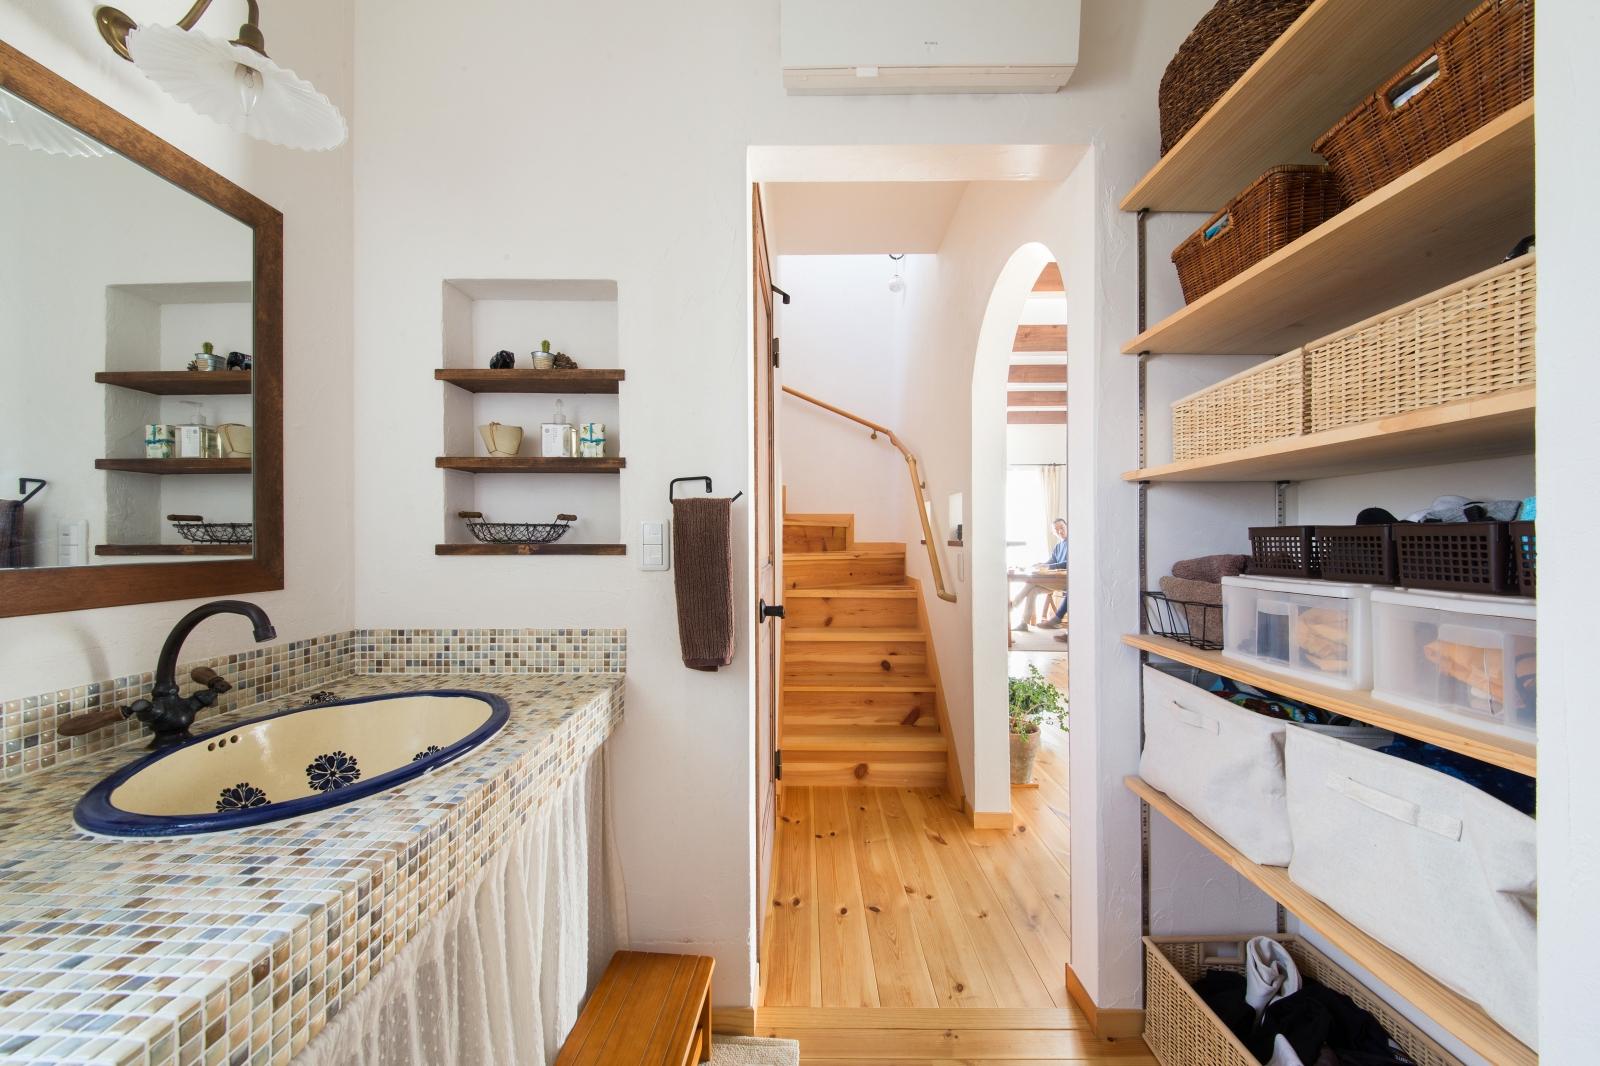 ニッチ、洗面下、可動棚と収納力バツグンの洗面所